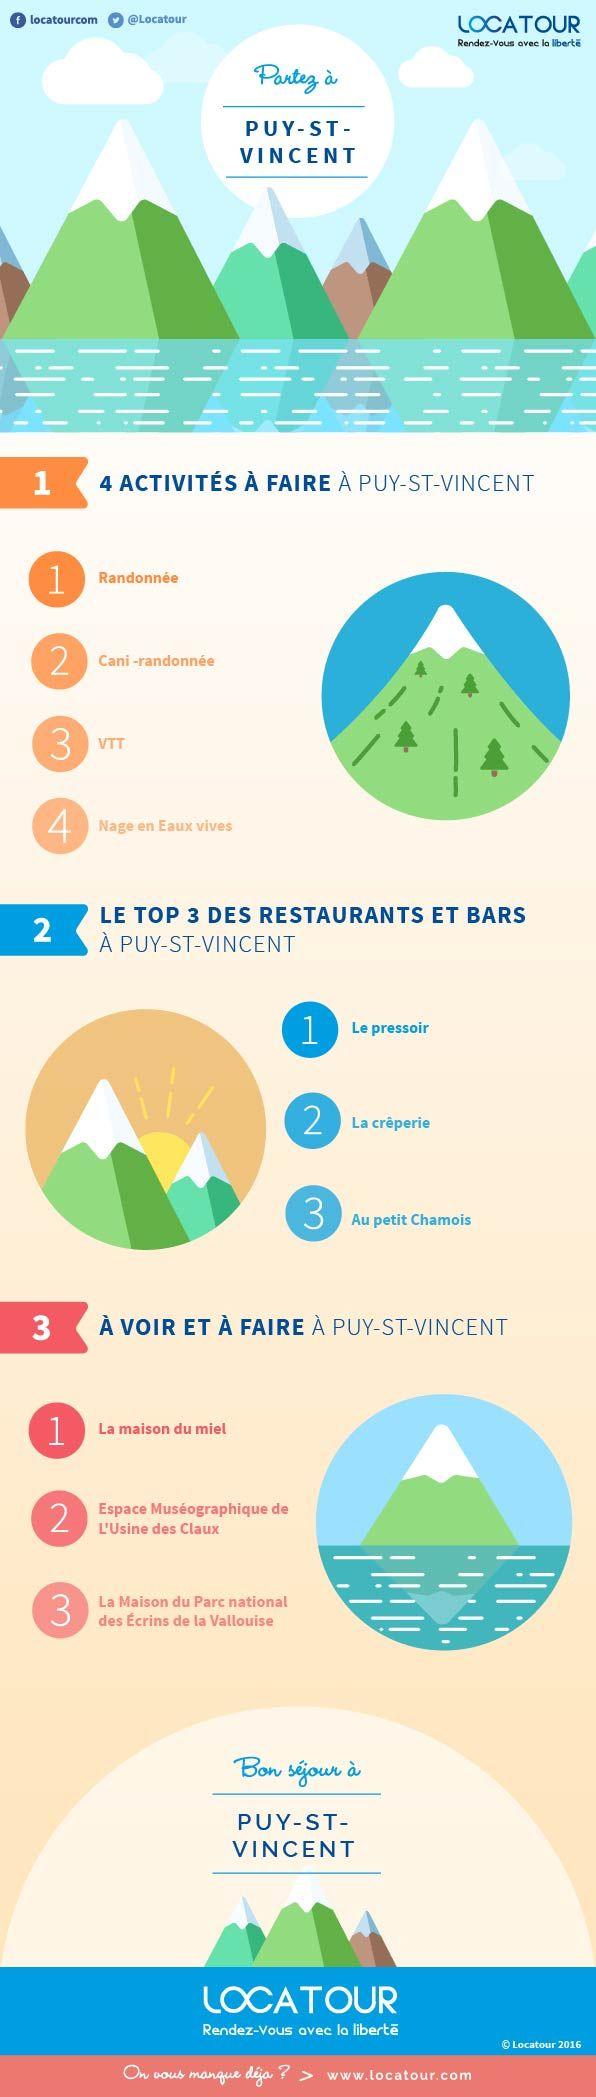 #Infographie- Montagne été : Connaîssez-vous Puy Saint vincent ? - Locatour -Découvrez les meilleurs#activités, notre sélection de#Restaurantet les lieux insolites à visiter !#montagne#etourisme